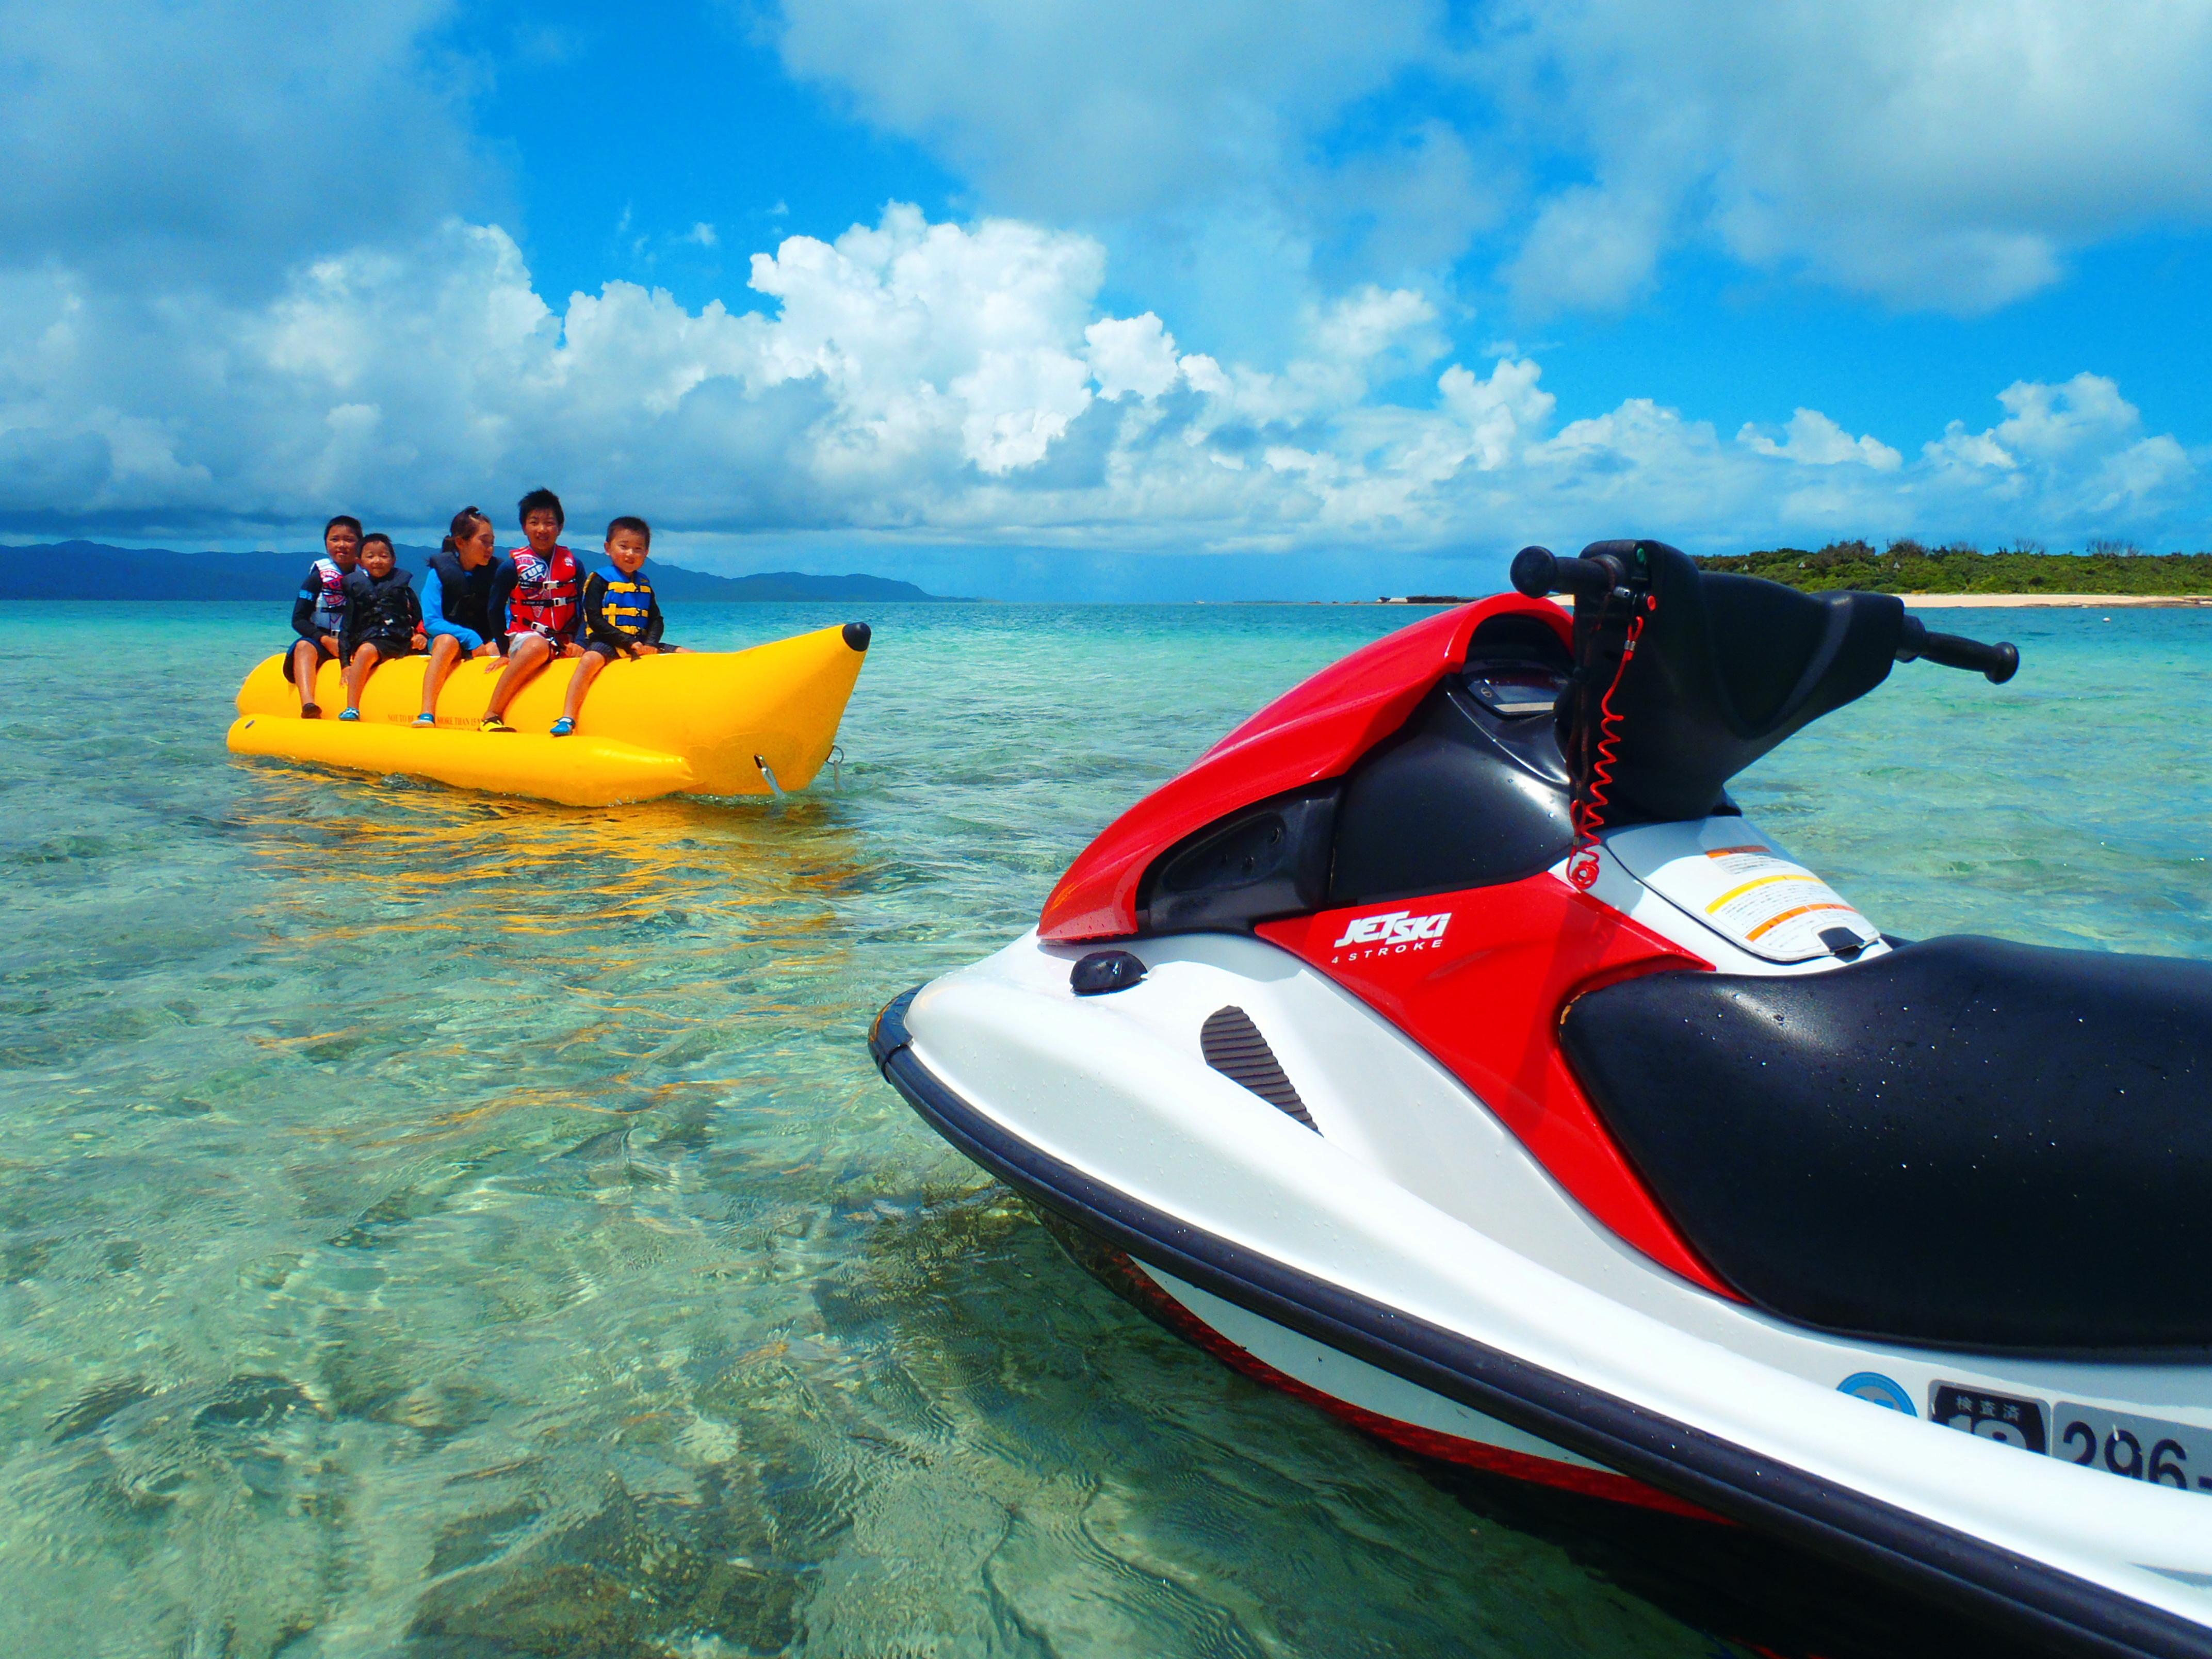 石垣島で子供たちでバナナボートを楽しむ